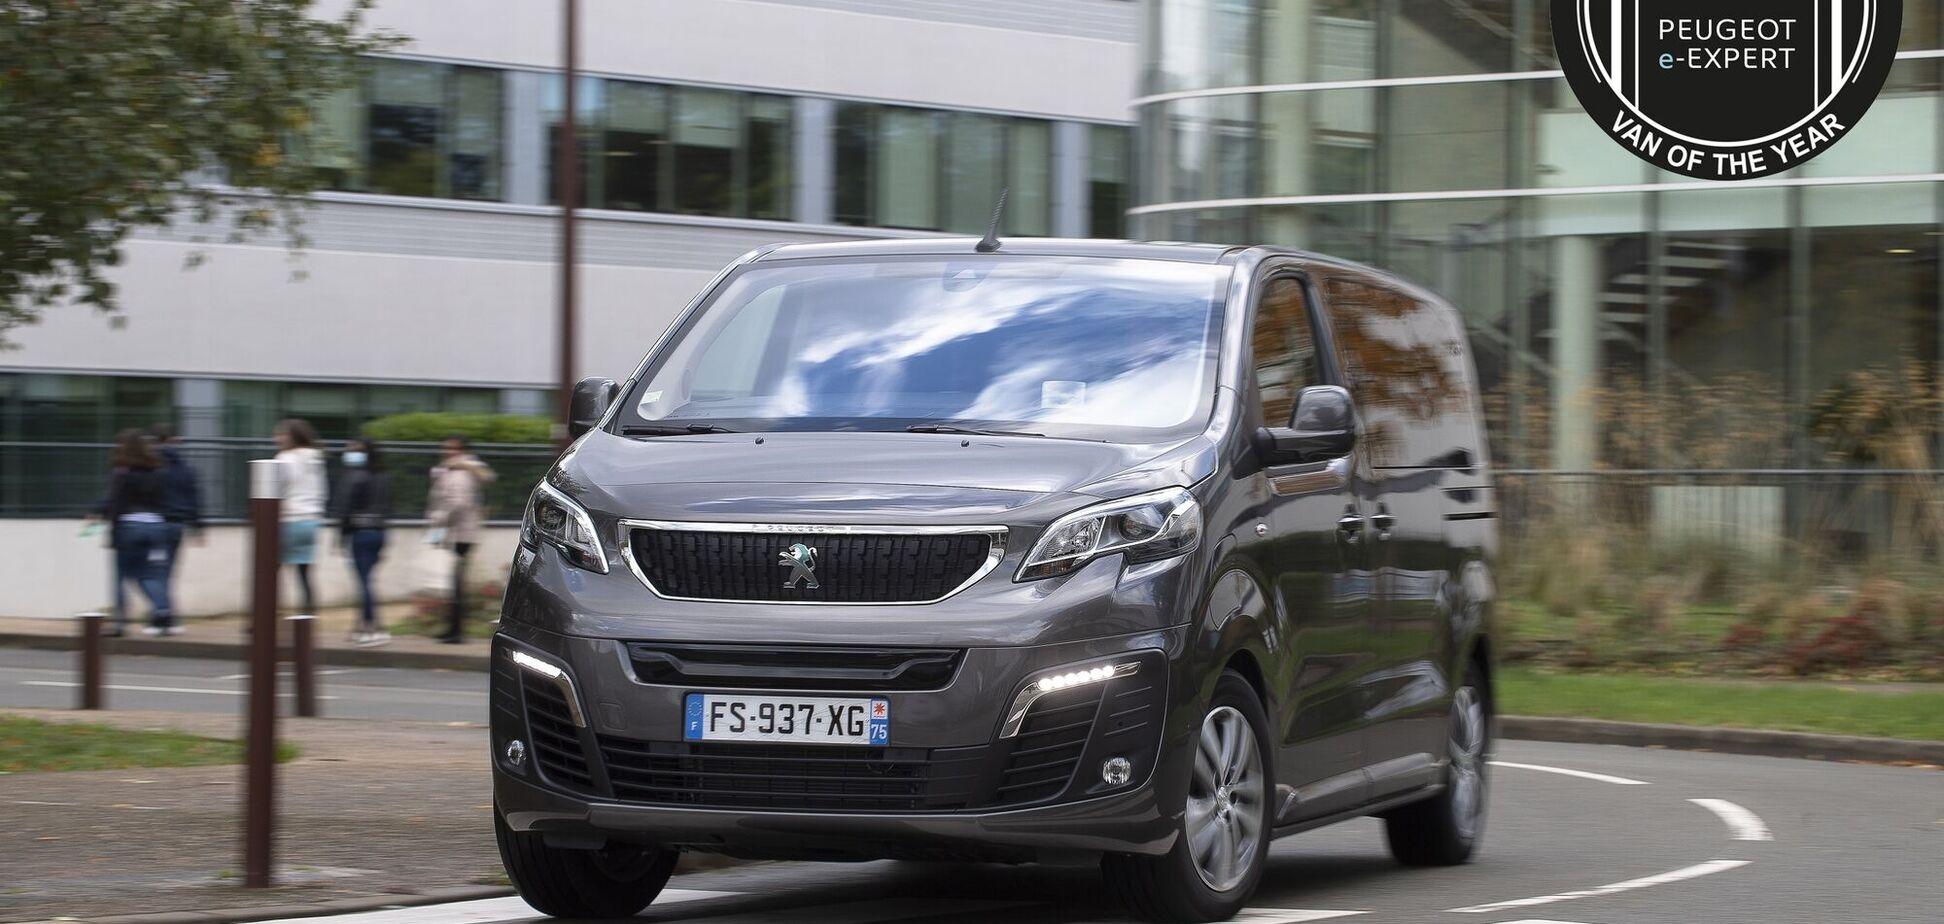 Електрофургони PSA Group отримали титул Van of the Year 2021